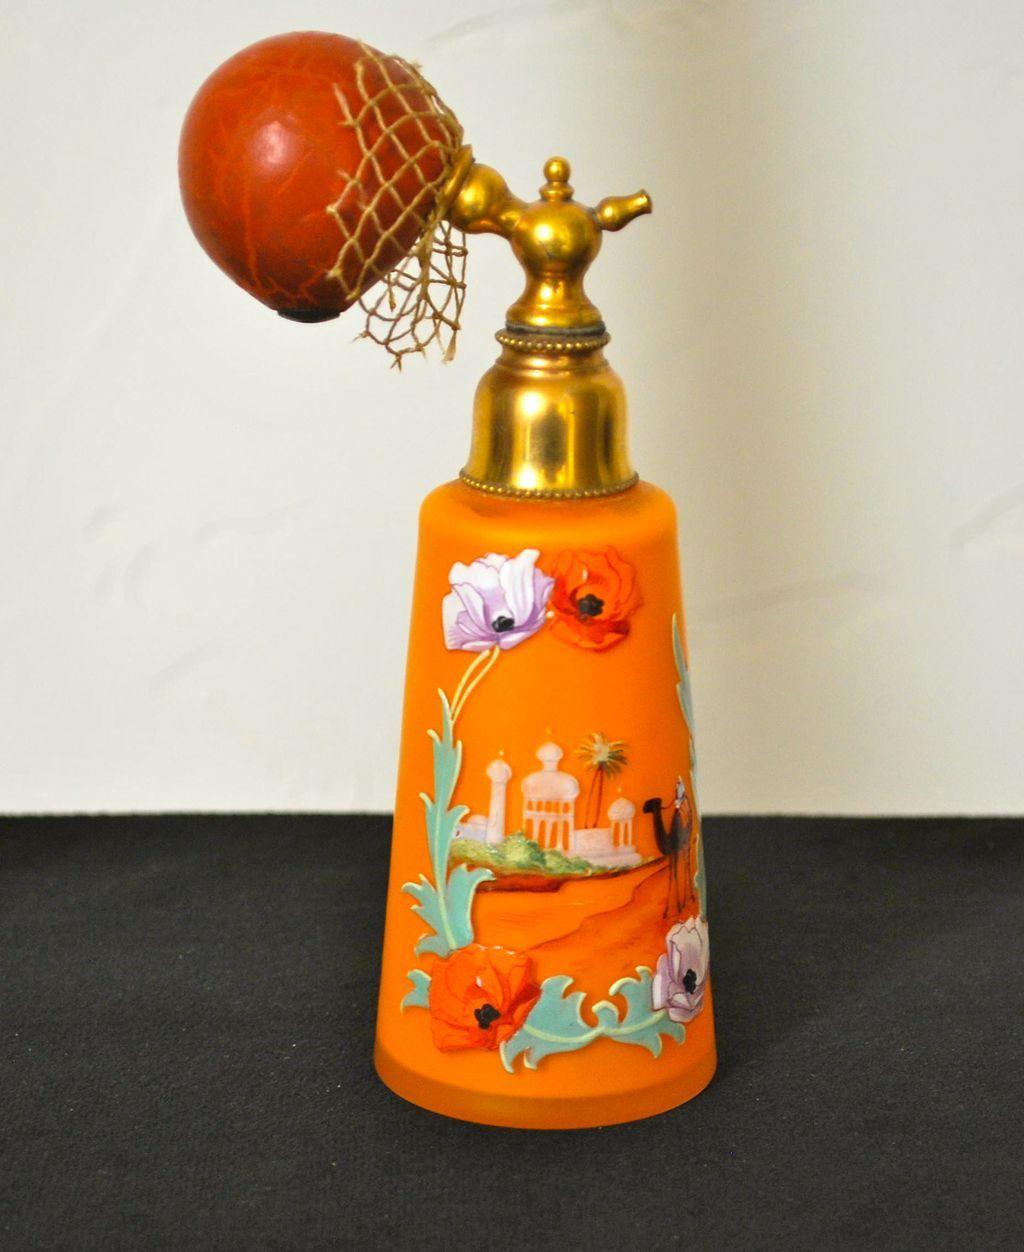 Vintage Exotic Boudoir Perfume Atomizer Bottle from everydaysagift on Ruby Lane